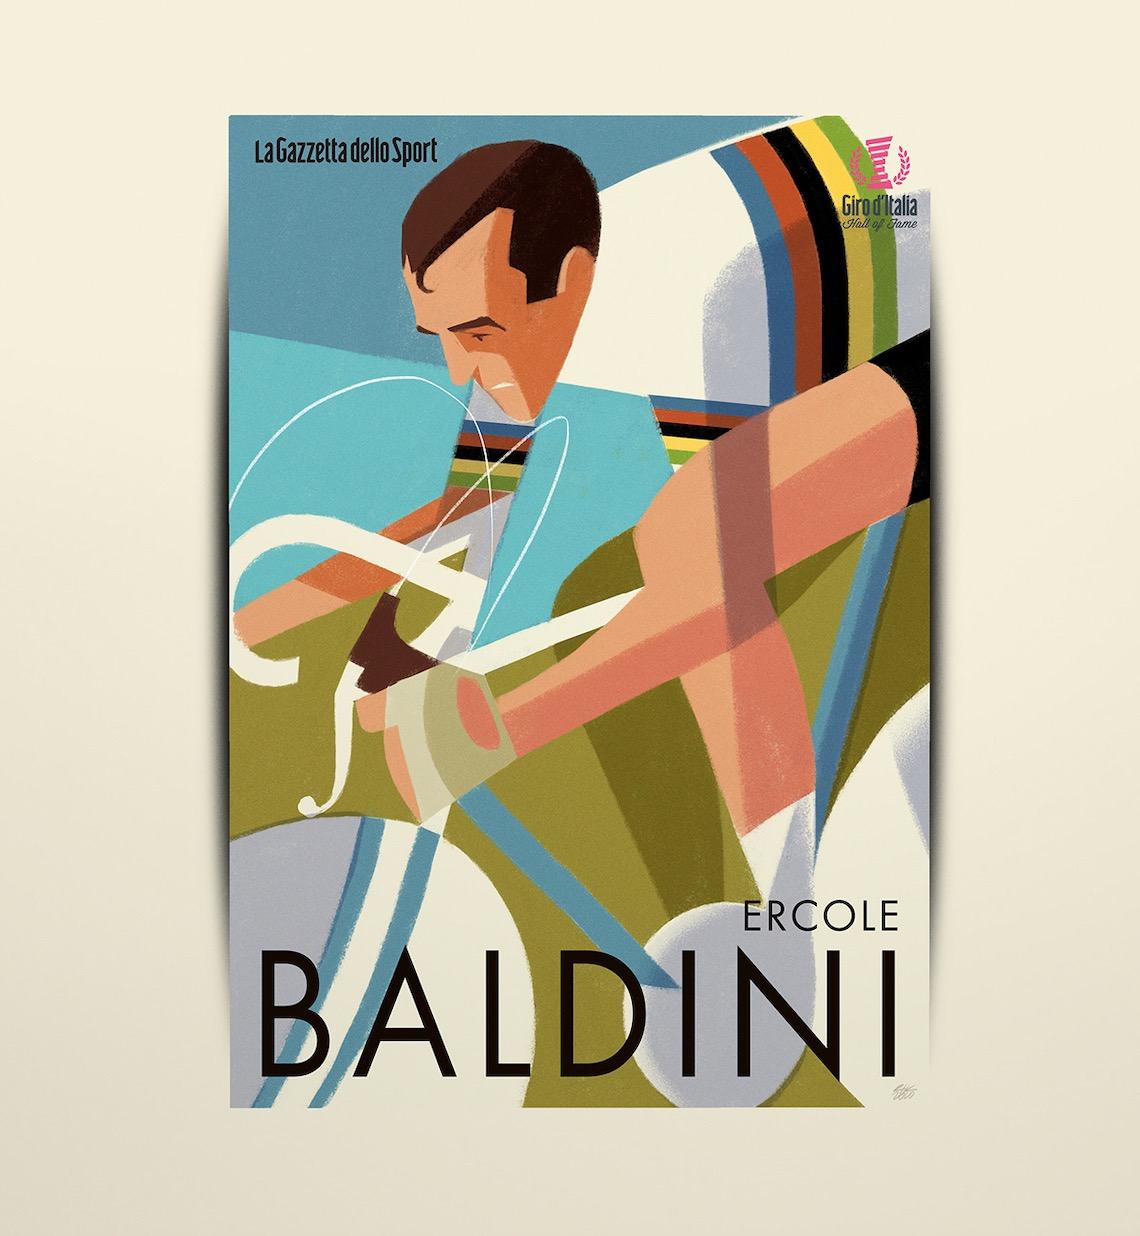 Giro dItalia Hall of Fame_Riccardo_Guasco_Baldini